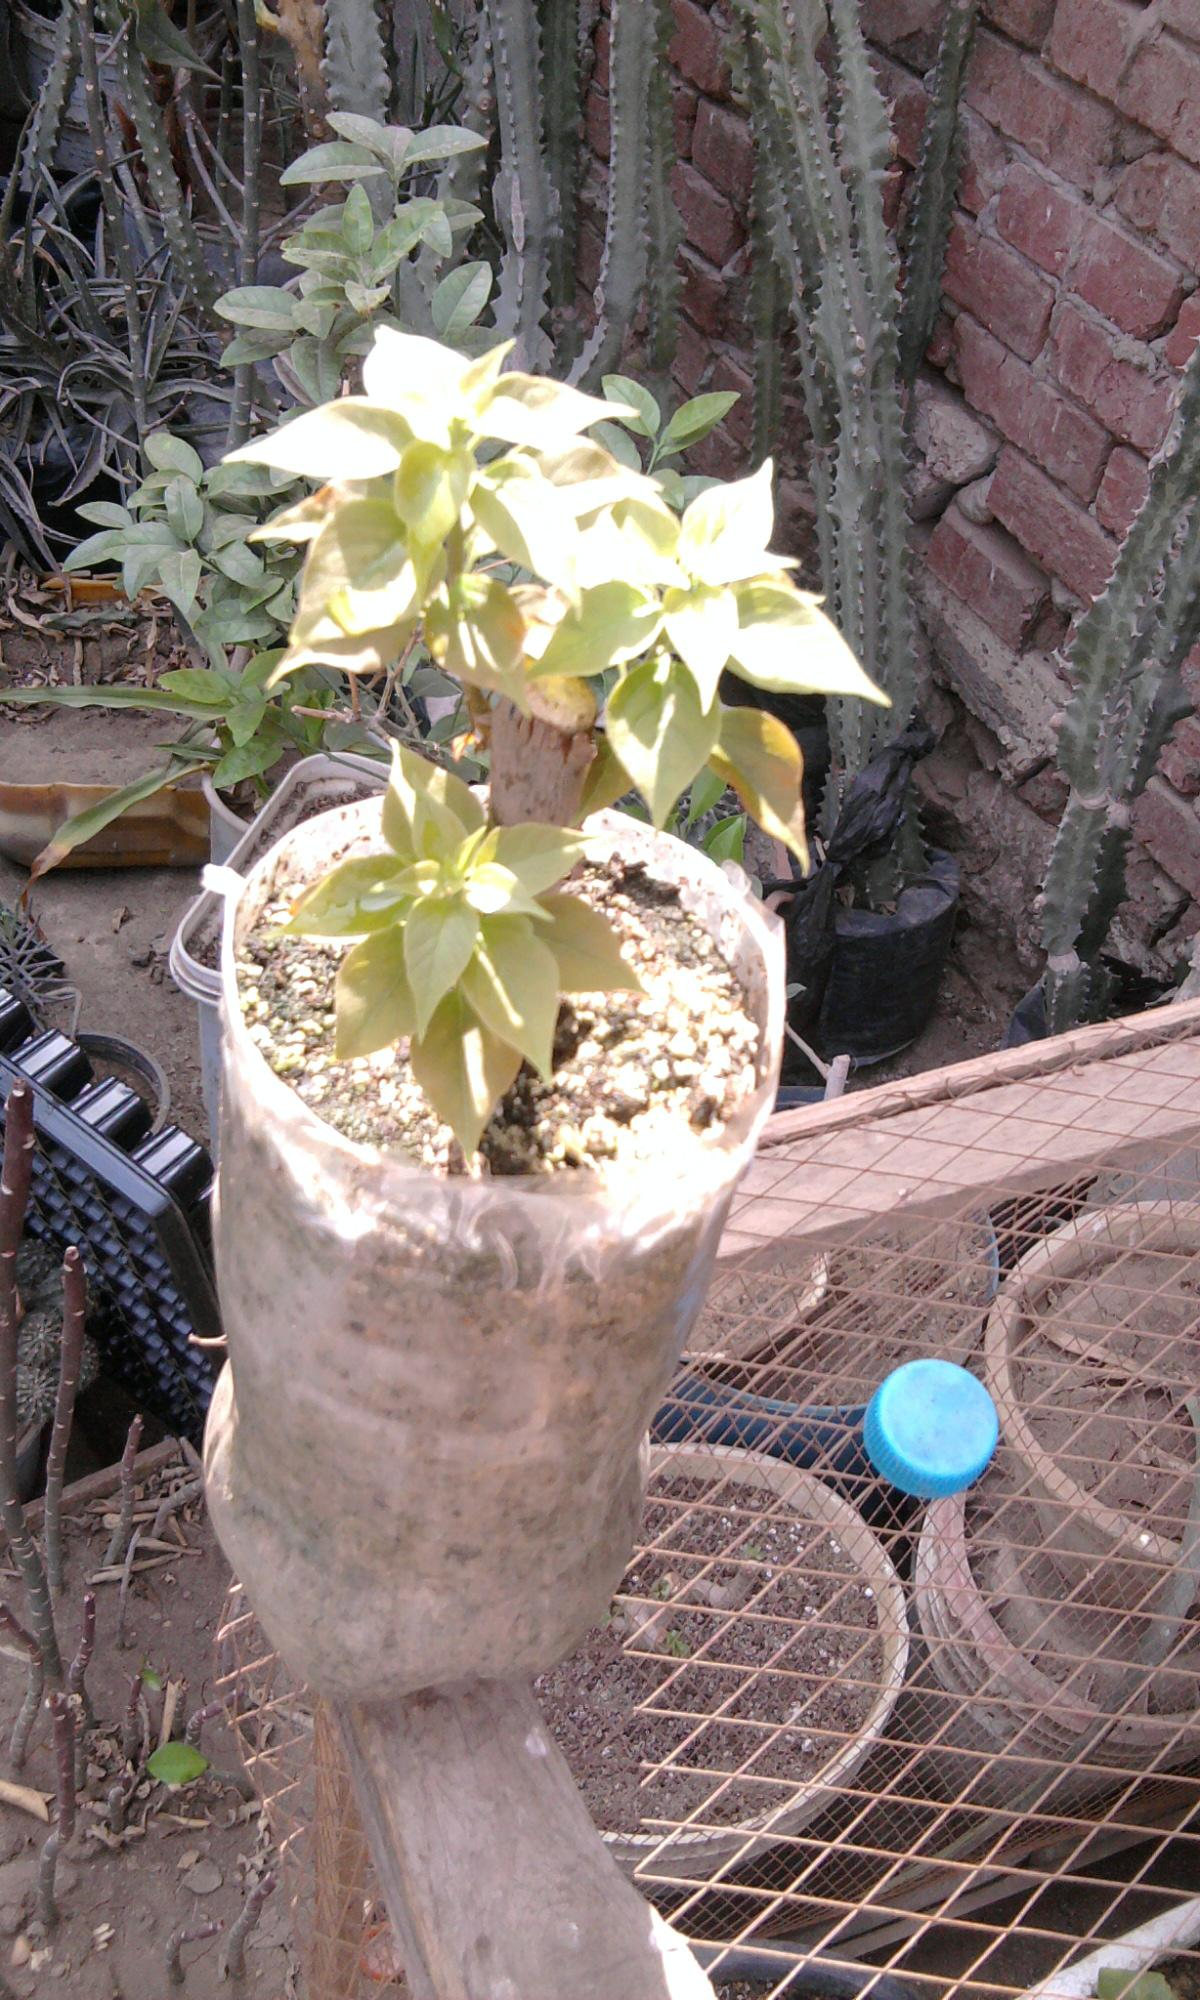 زراعة التوت والجهنمية والفيكس نيتدا 681705235.jpg